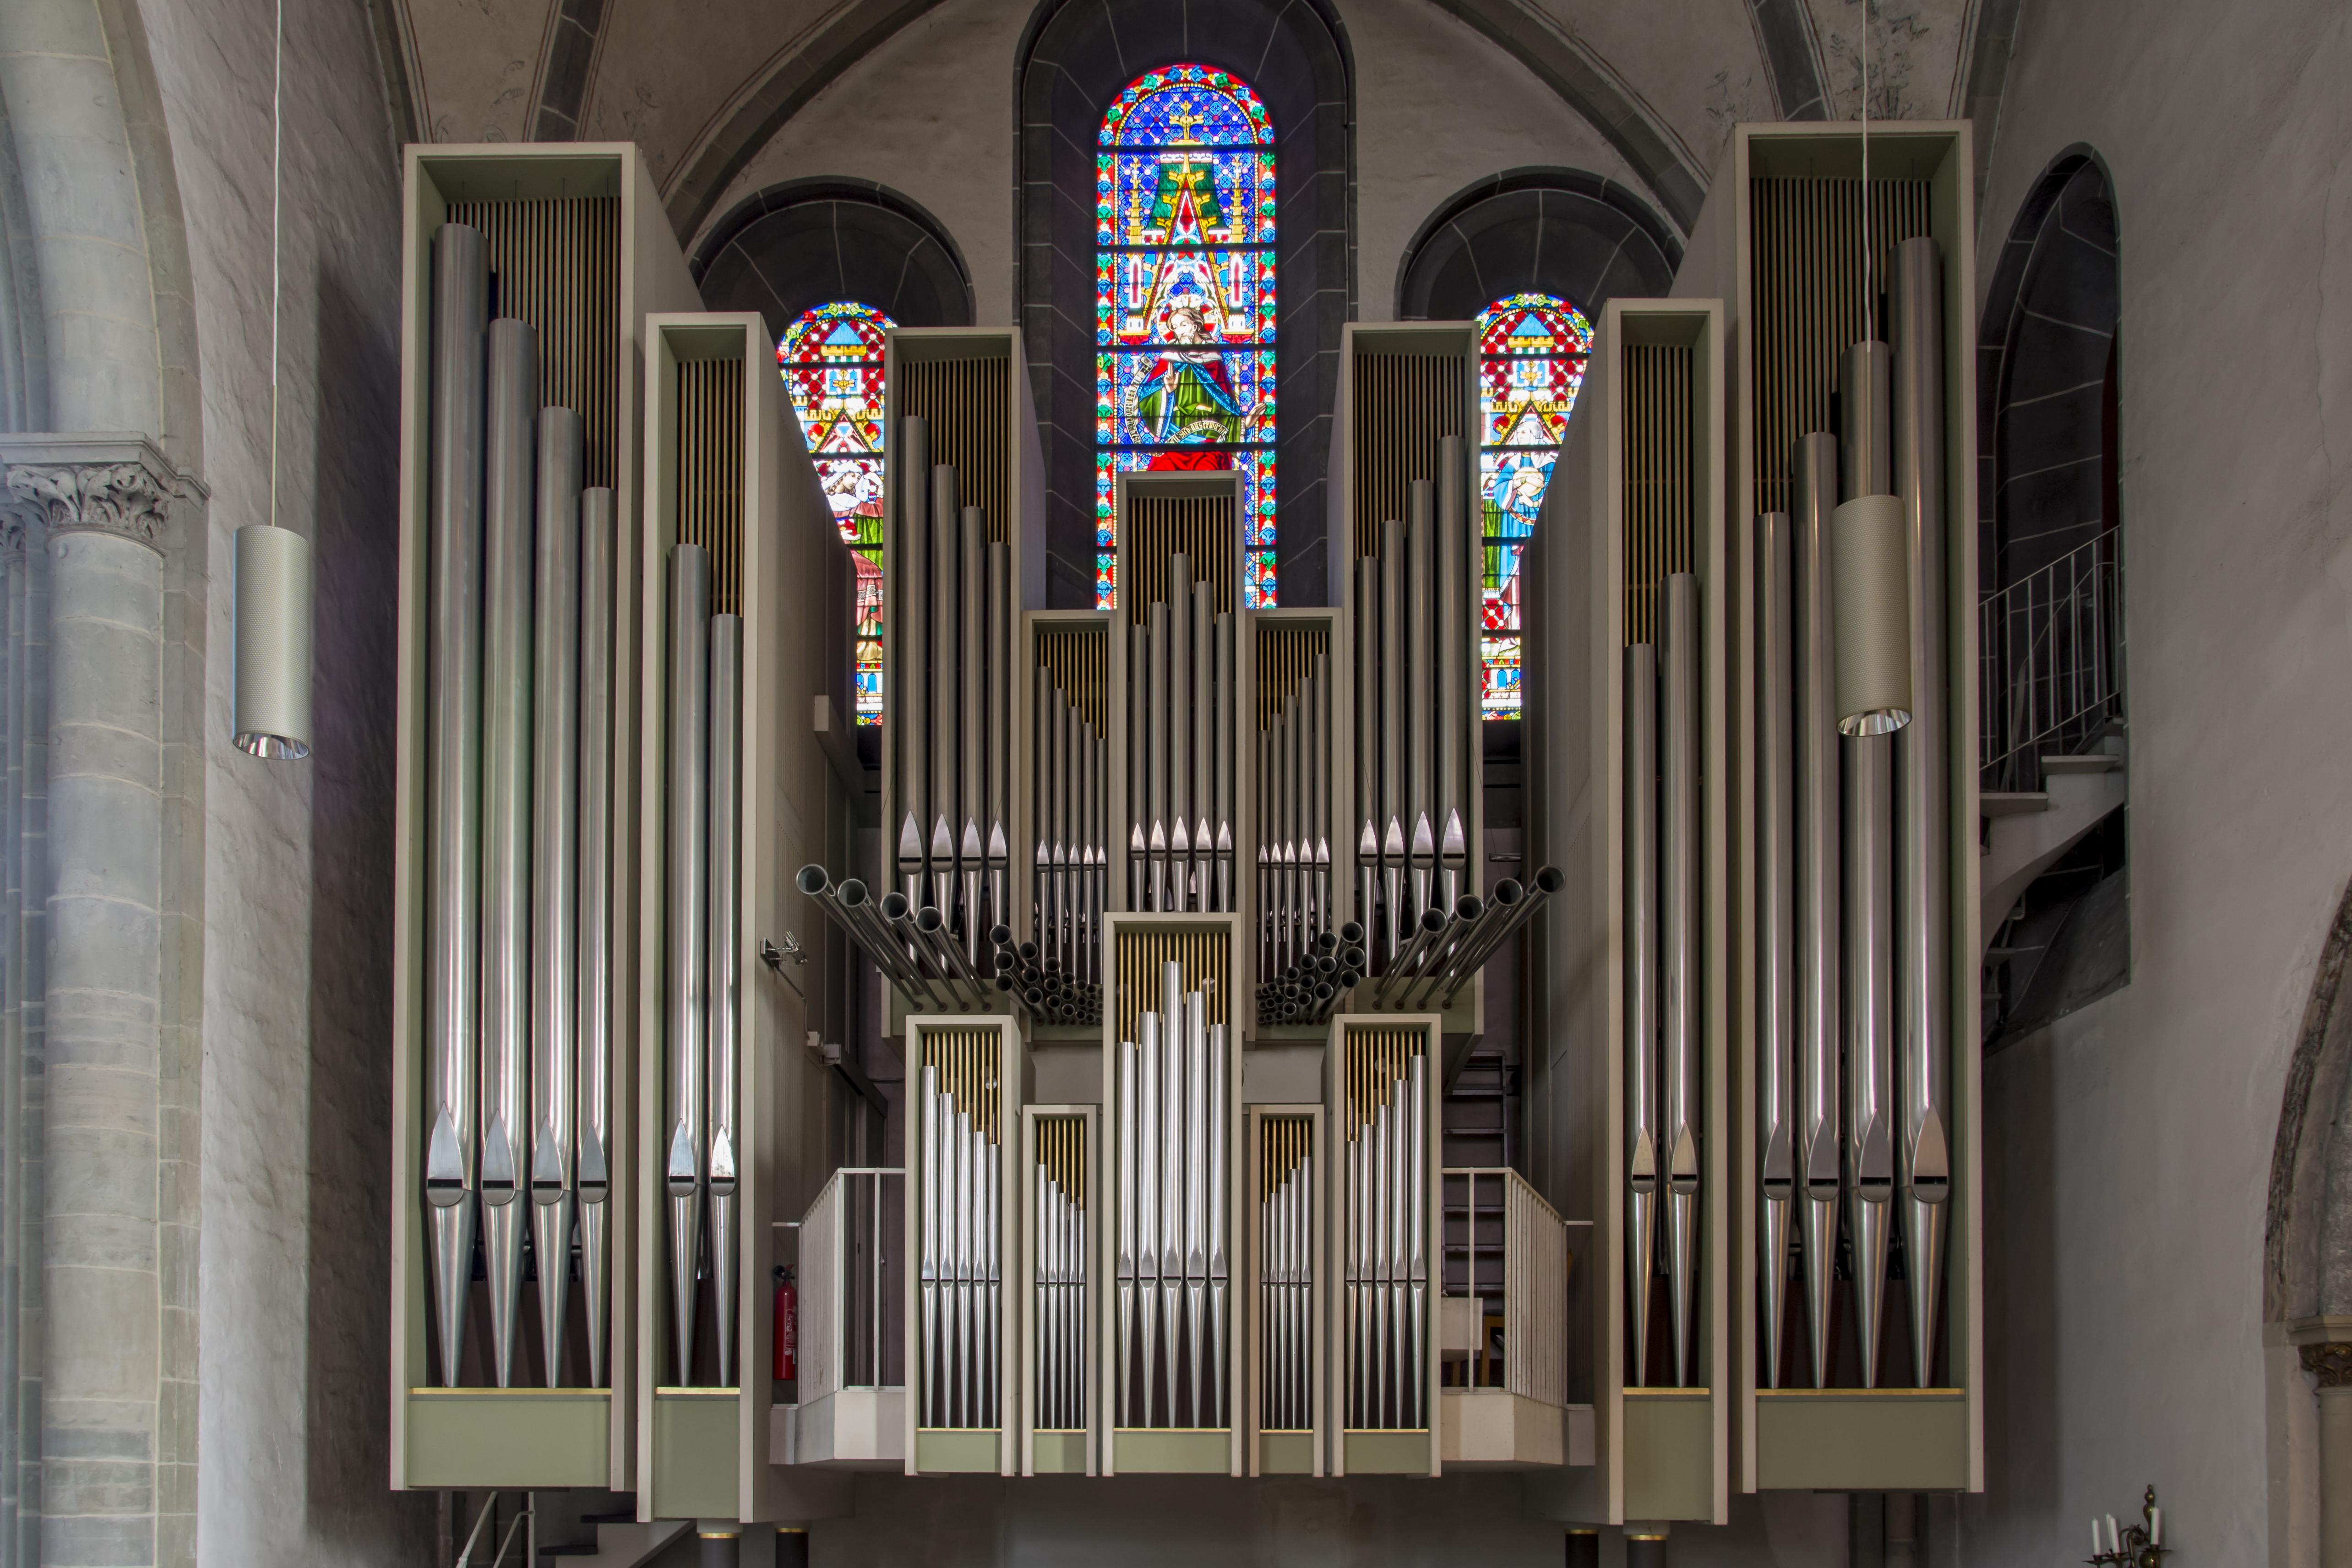 30 Minuten Orgelmusik